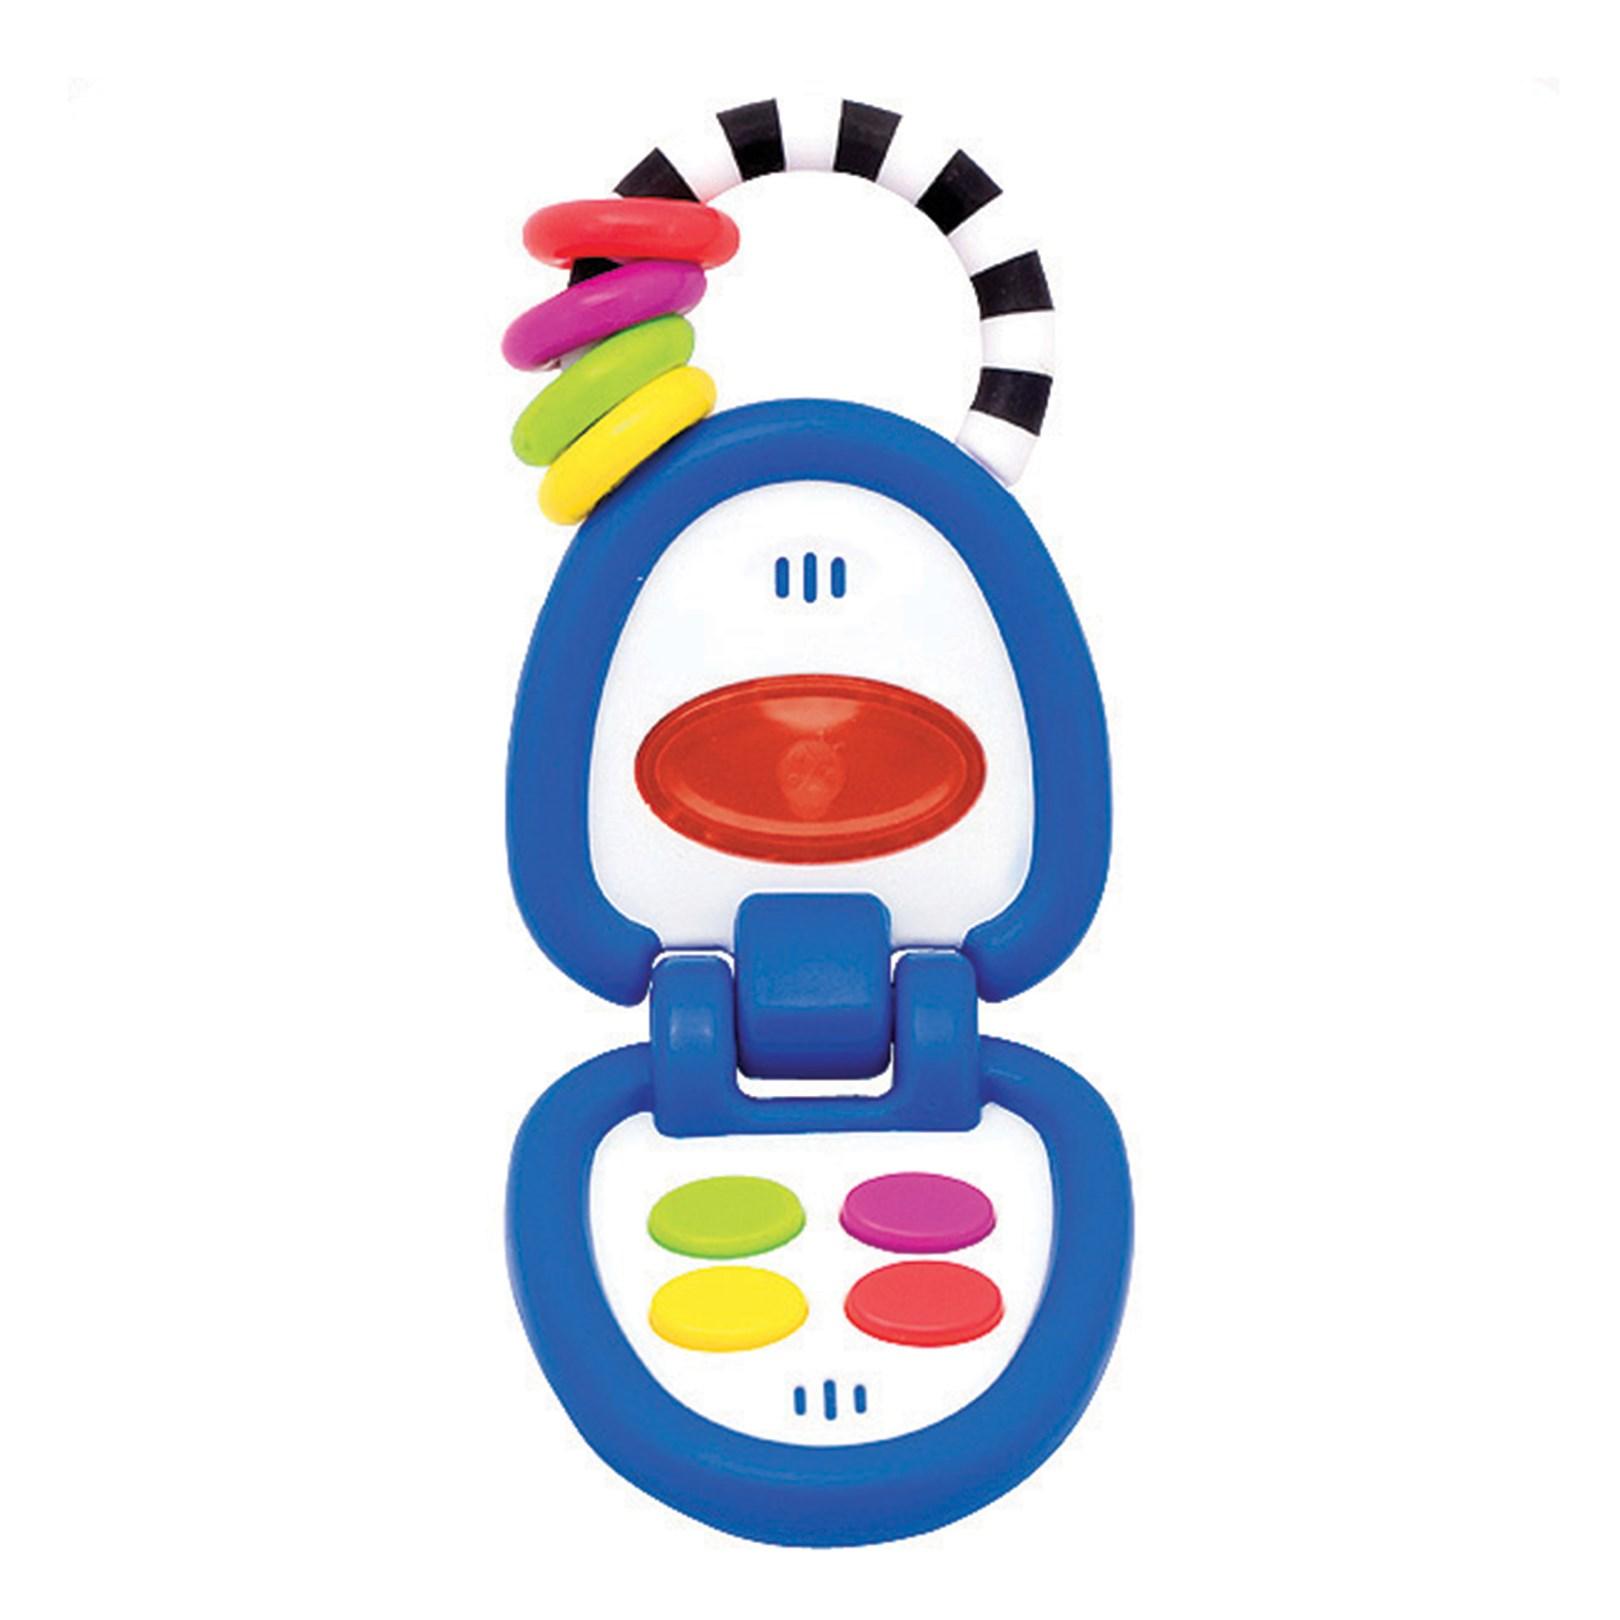 Фото - Музыкальная игрушка Sassy Мой телефон 20 см музыкальная игрушка sassy мой телефон 20 см